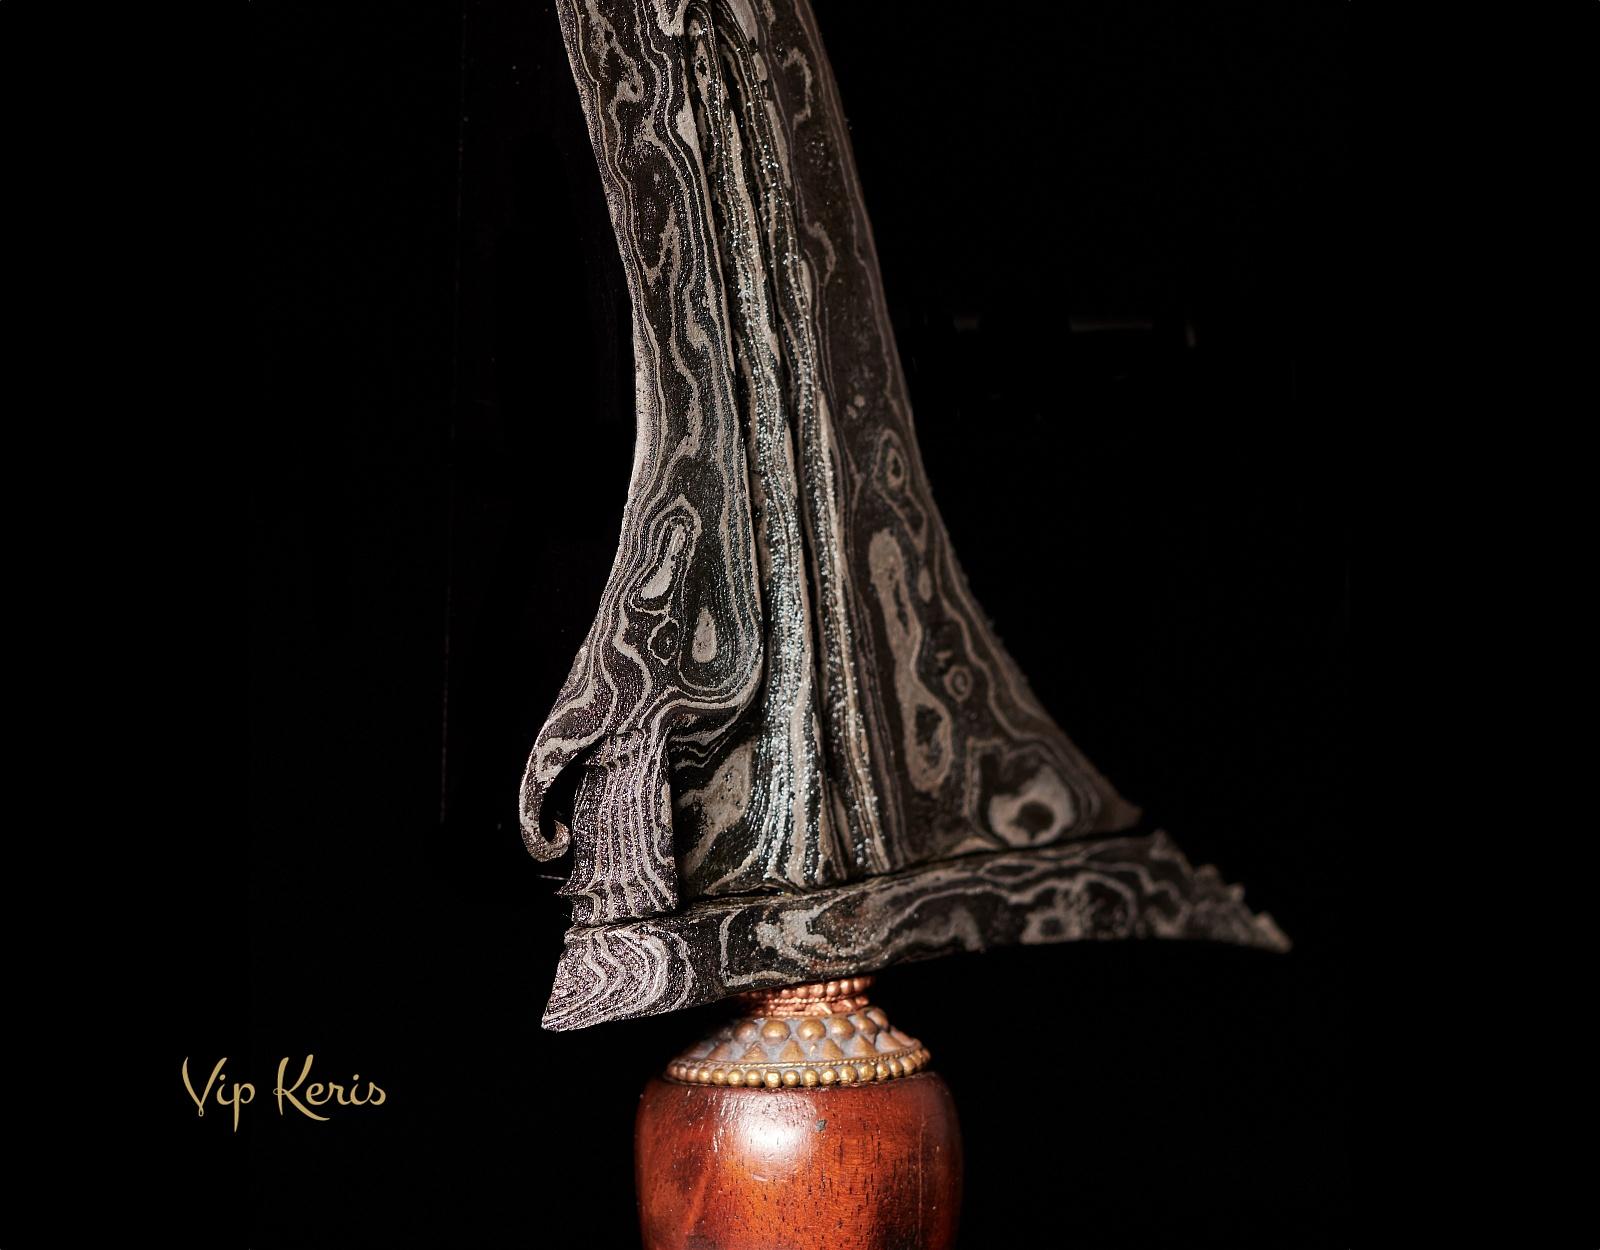 Пламевидный индонезийский кинжал Крис Sengkelat фото VipKeris